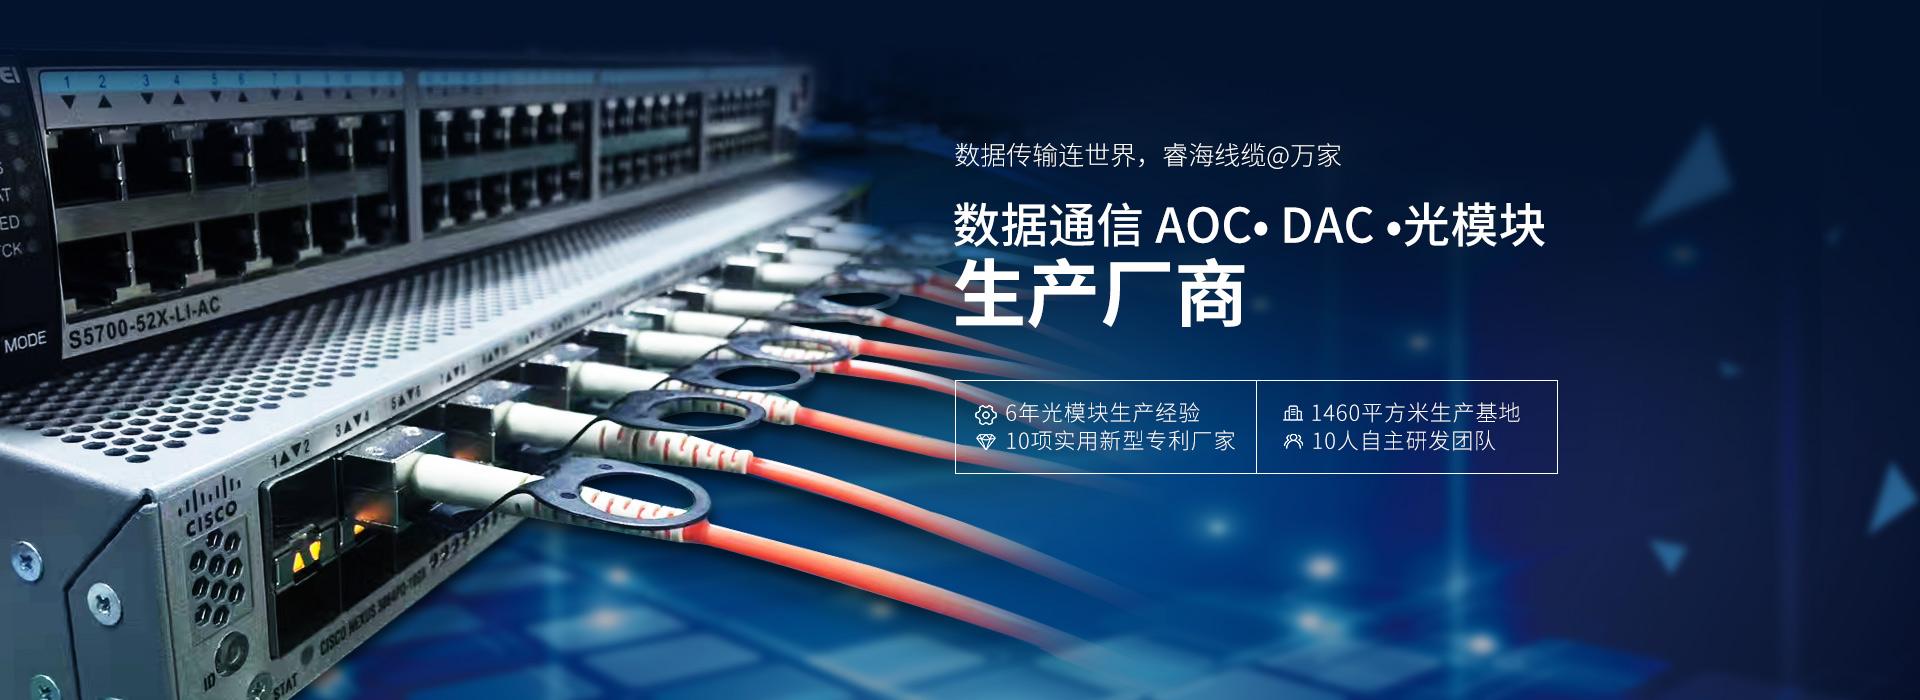 睿海光电-光通信行业高速线缆、光模块生产厂商